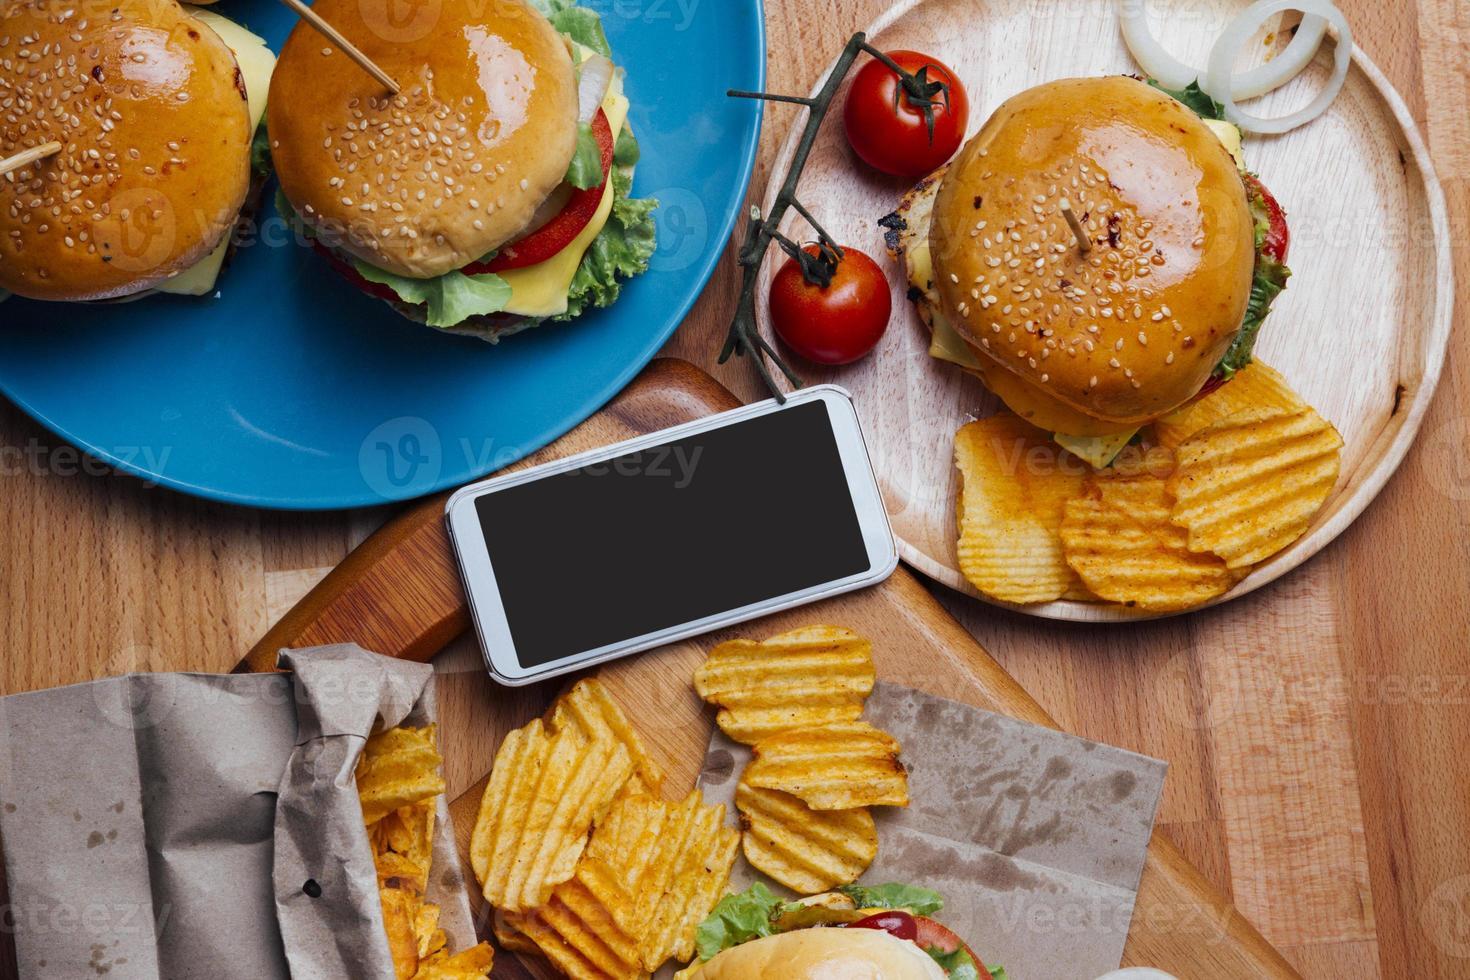 hamburger con telefono moblie foto